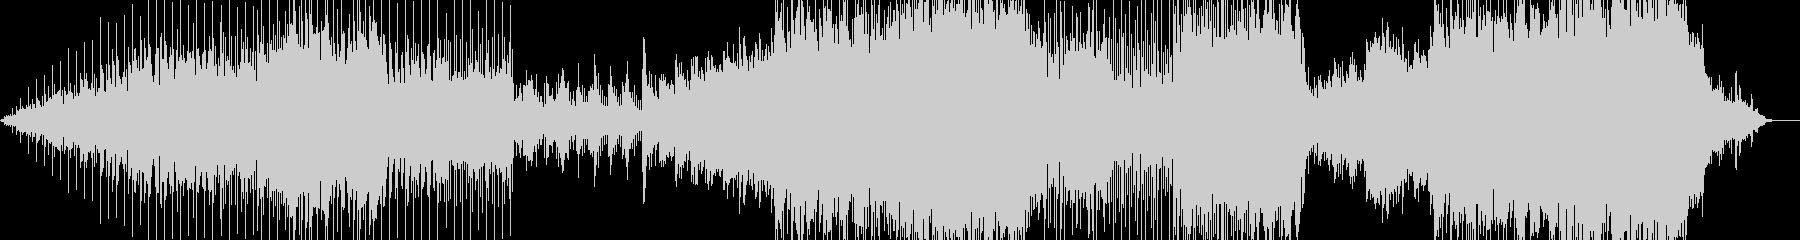 オーソドックスな感じのポップインストの未再生の波形